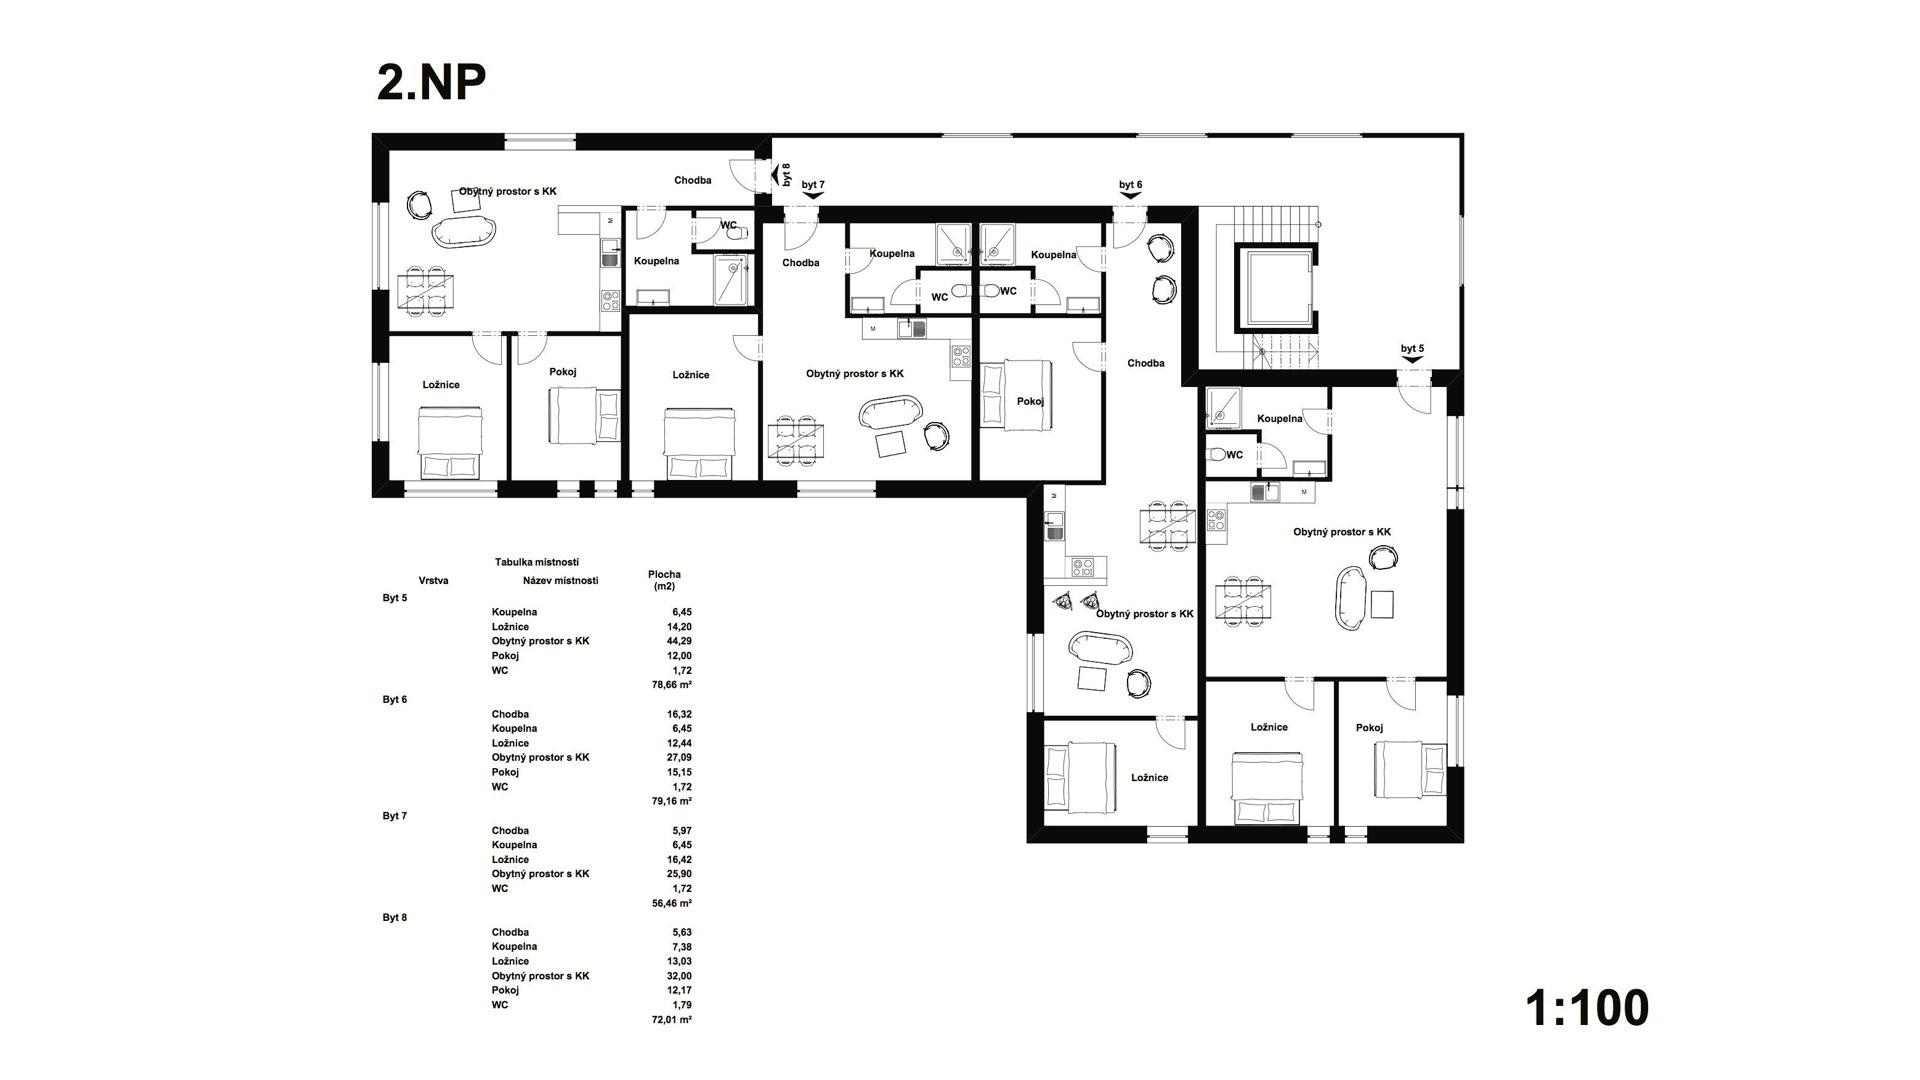 Rezidence Jeneralka KKCG - půdorys bytového domu - 2.NP. Autor: Kurz architekti